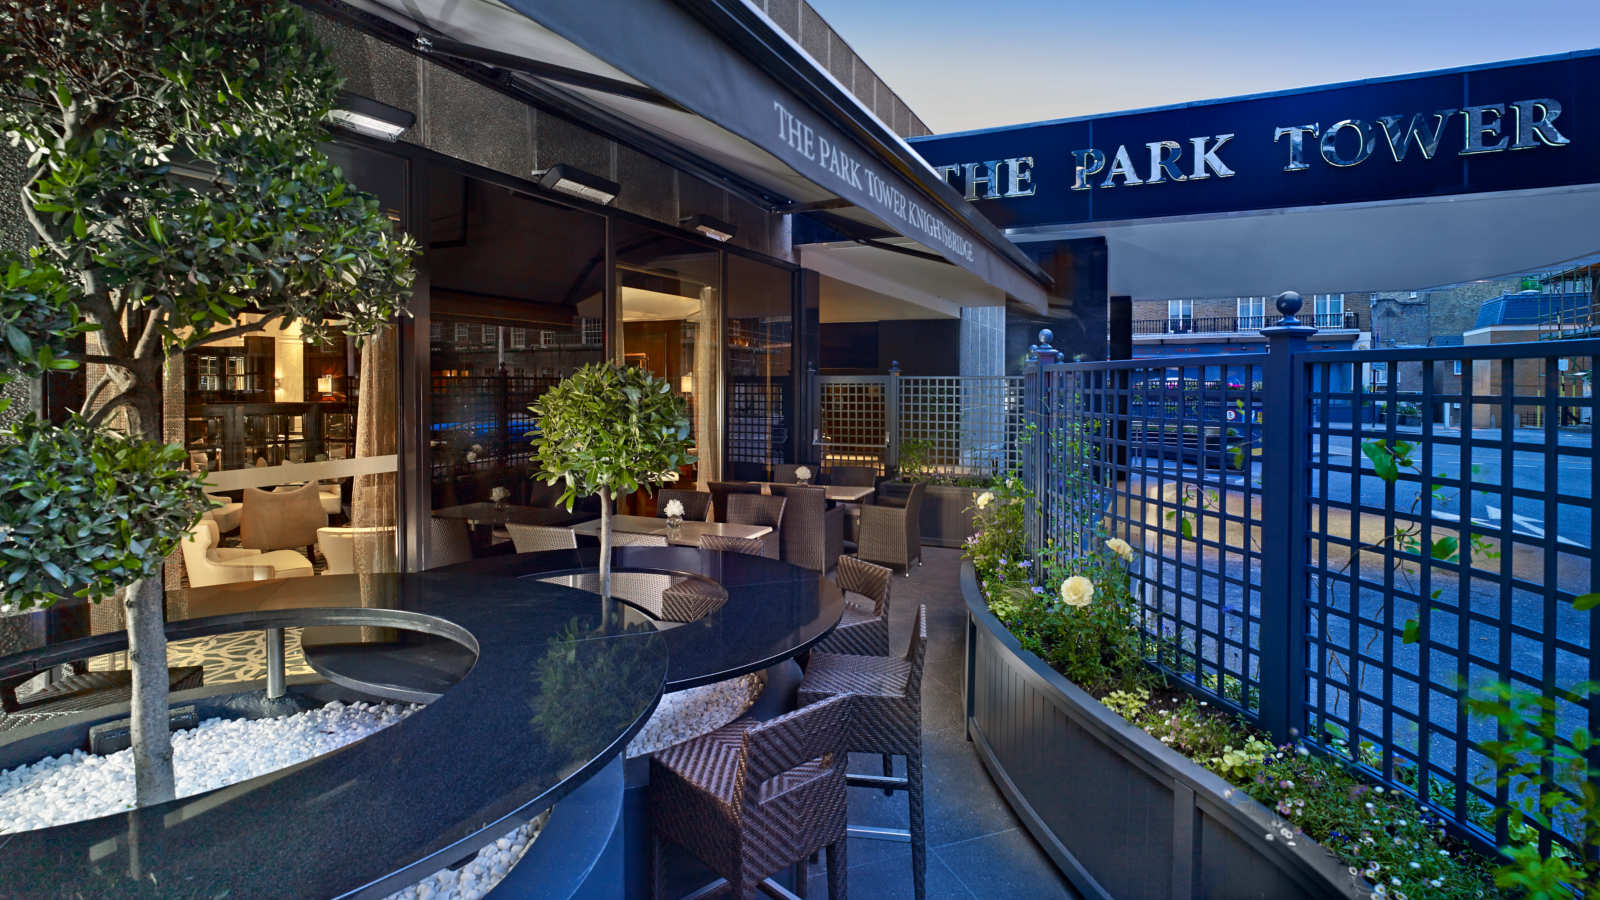 ザ・パークタワー・ナイツブリッジ・ラグジュアリー・コレクション・ホテルの屋外テラス